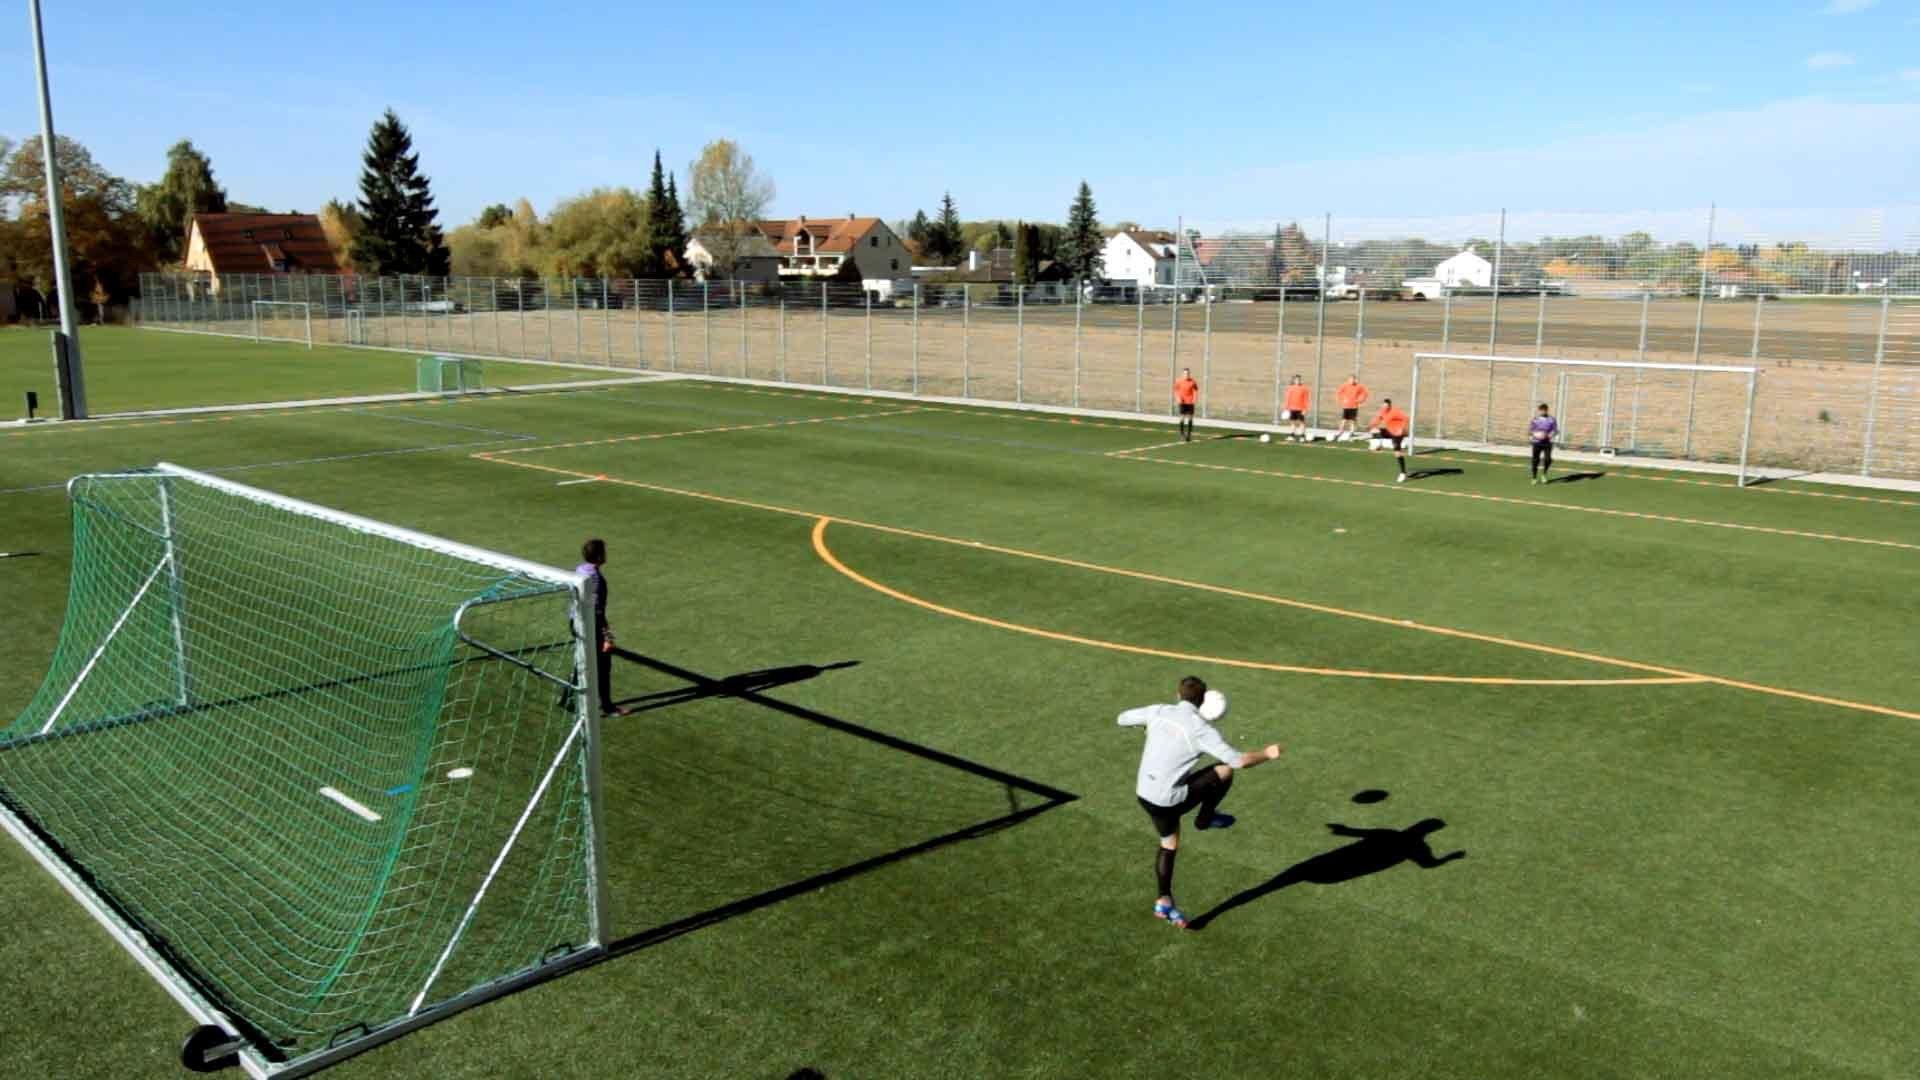 Fußballübung für den Torabschluss: Das diagonale Anspiel